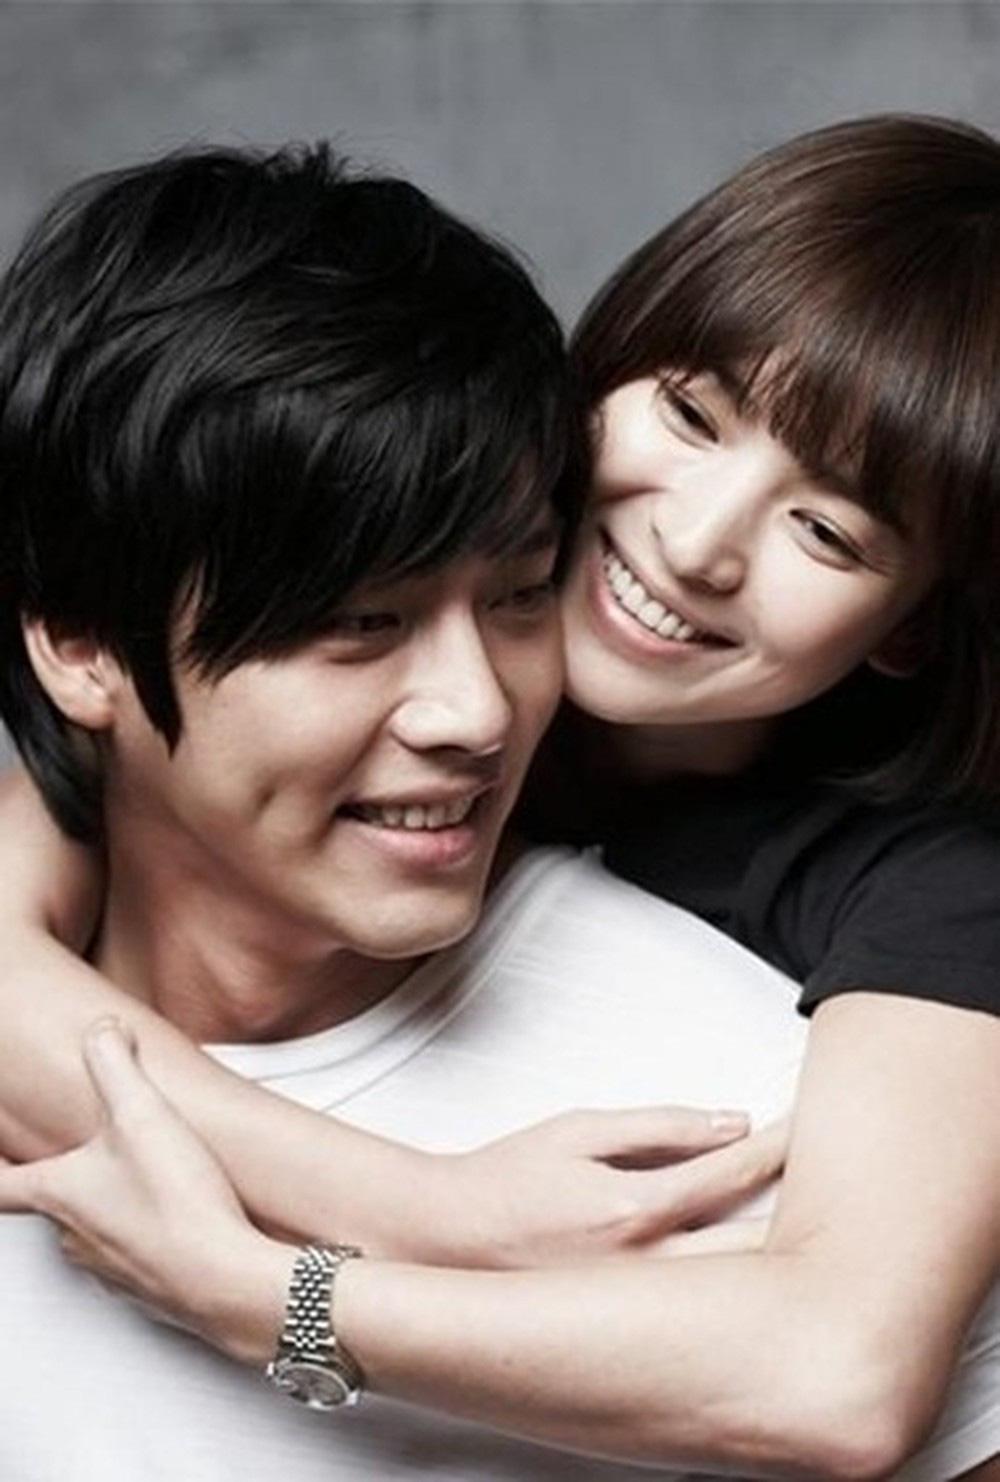 Loạt khoảnh khắc ngọt ngào giữa Song Hye Kyo - Hyun Bin sau 10 năm xem lại vẫn mê mẩn - Ảnh 21.